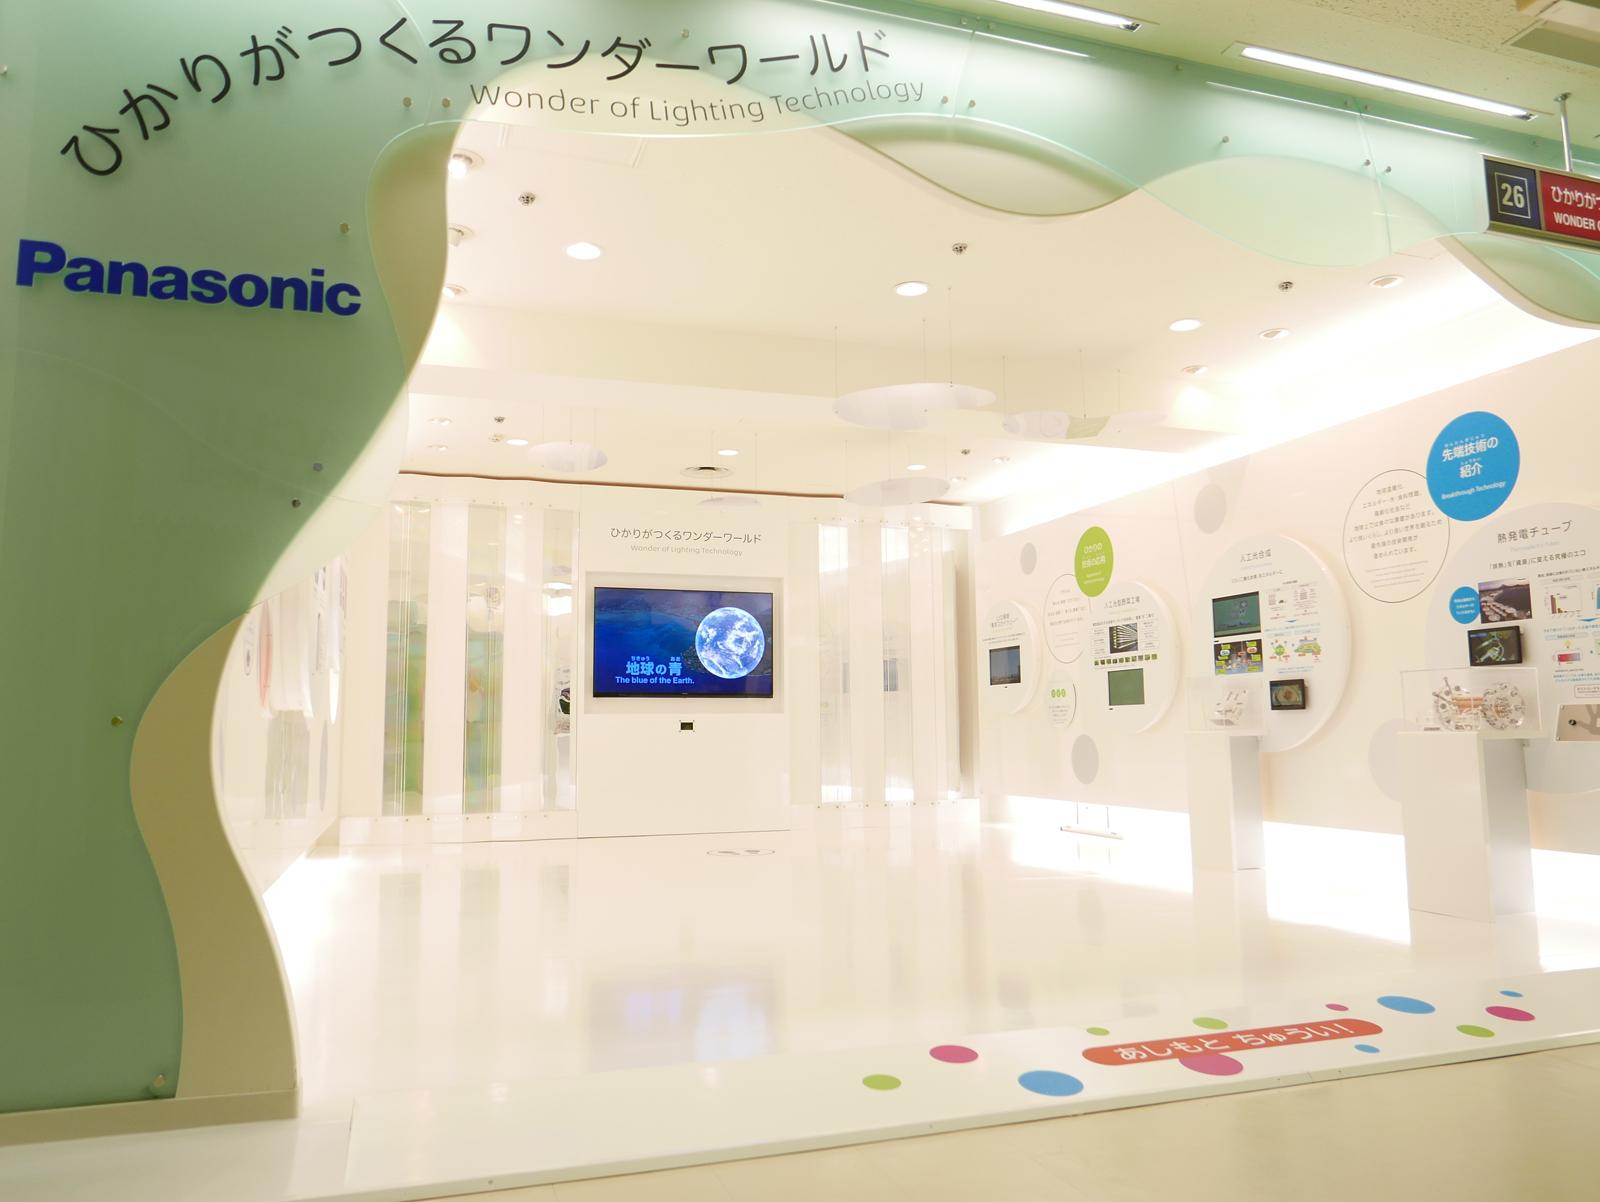 「ひかりがつくるワンダーワールド」@大阪科学技術館 パナソニックブース